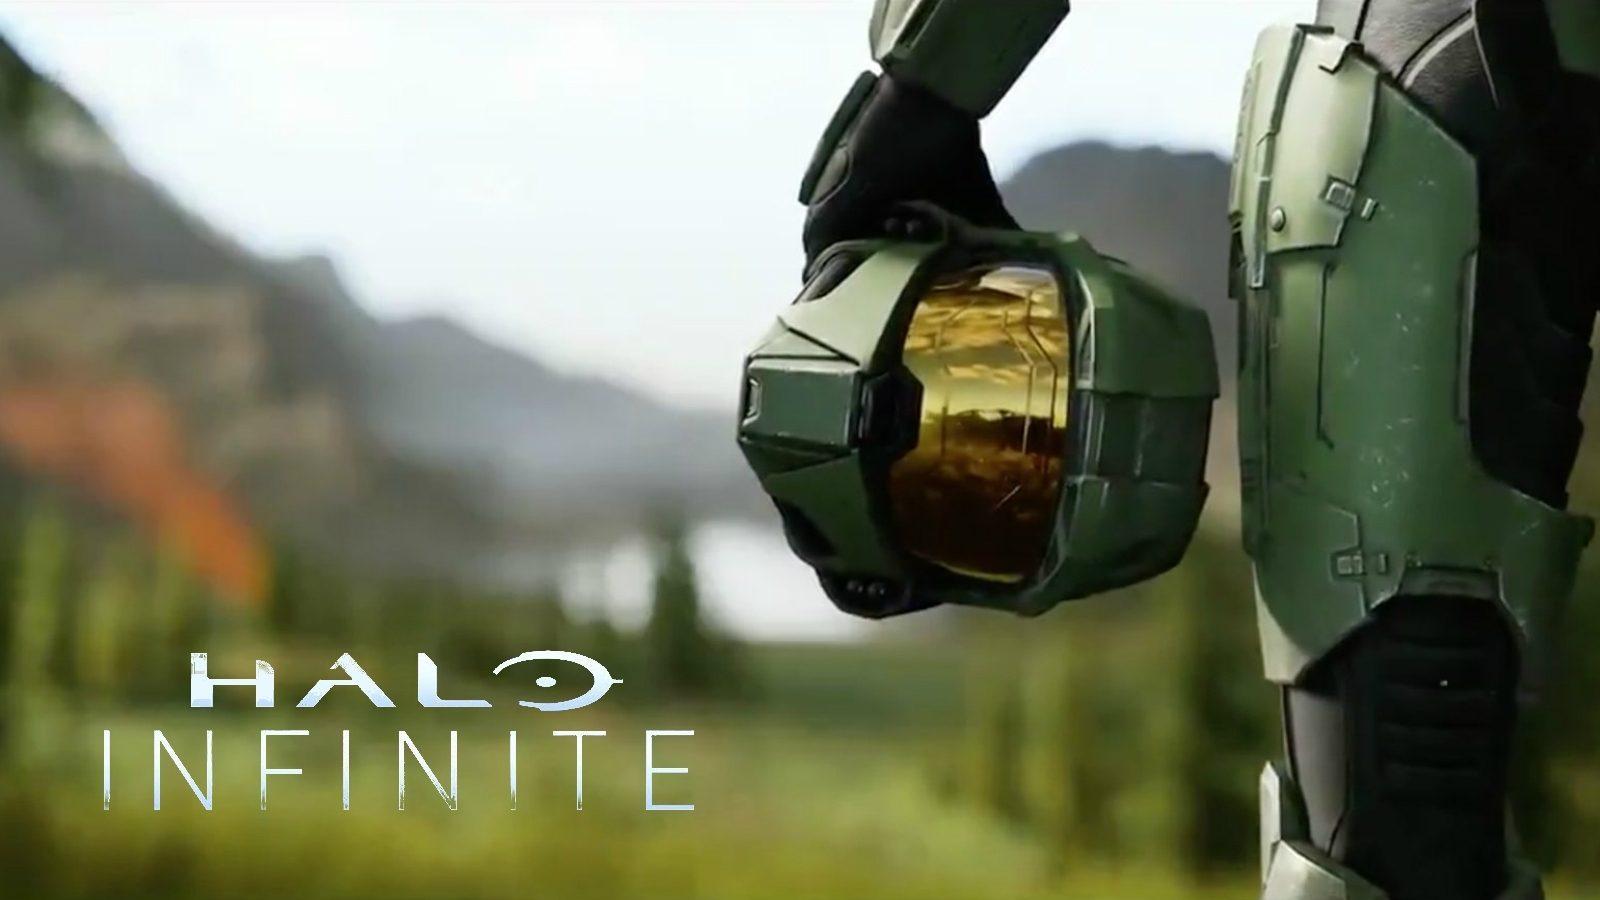 halo infinite new game 6 release reveal announce e3 2018 microsoft